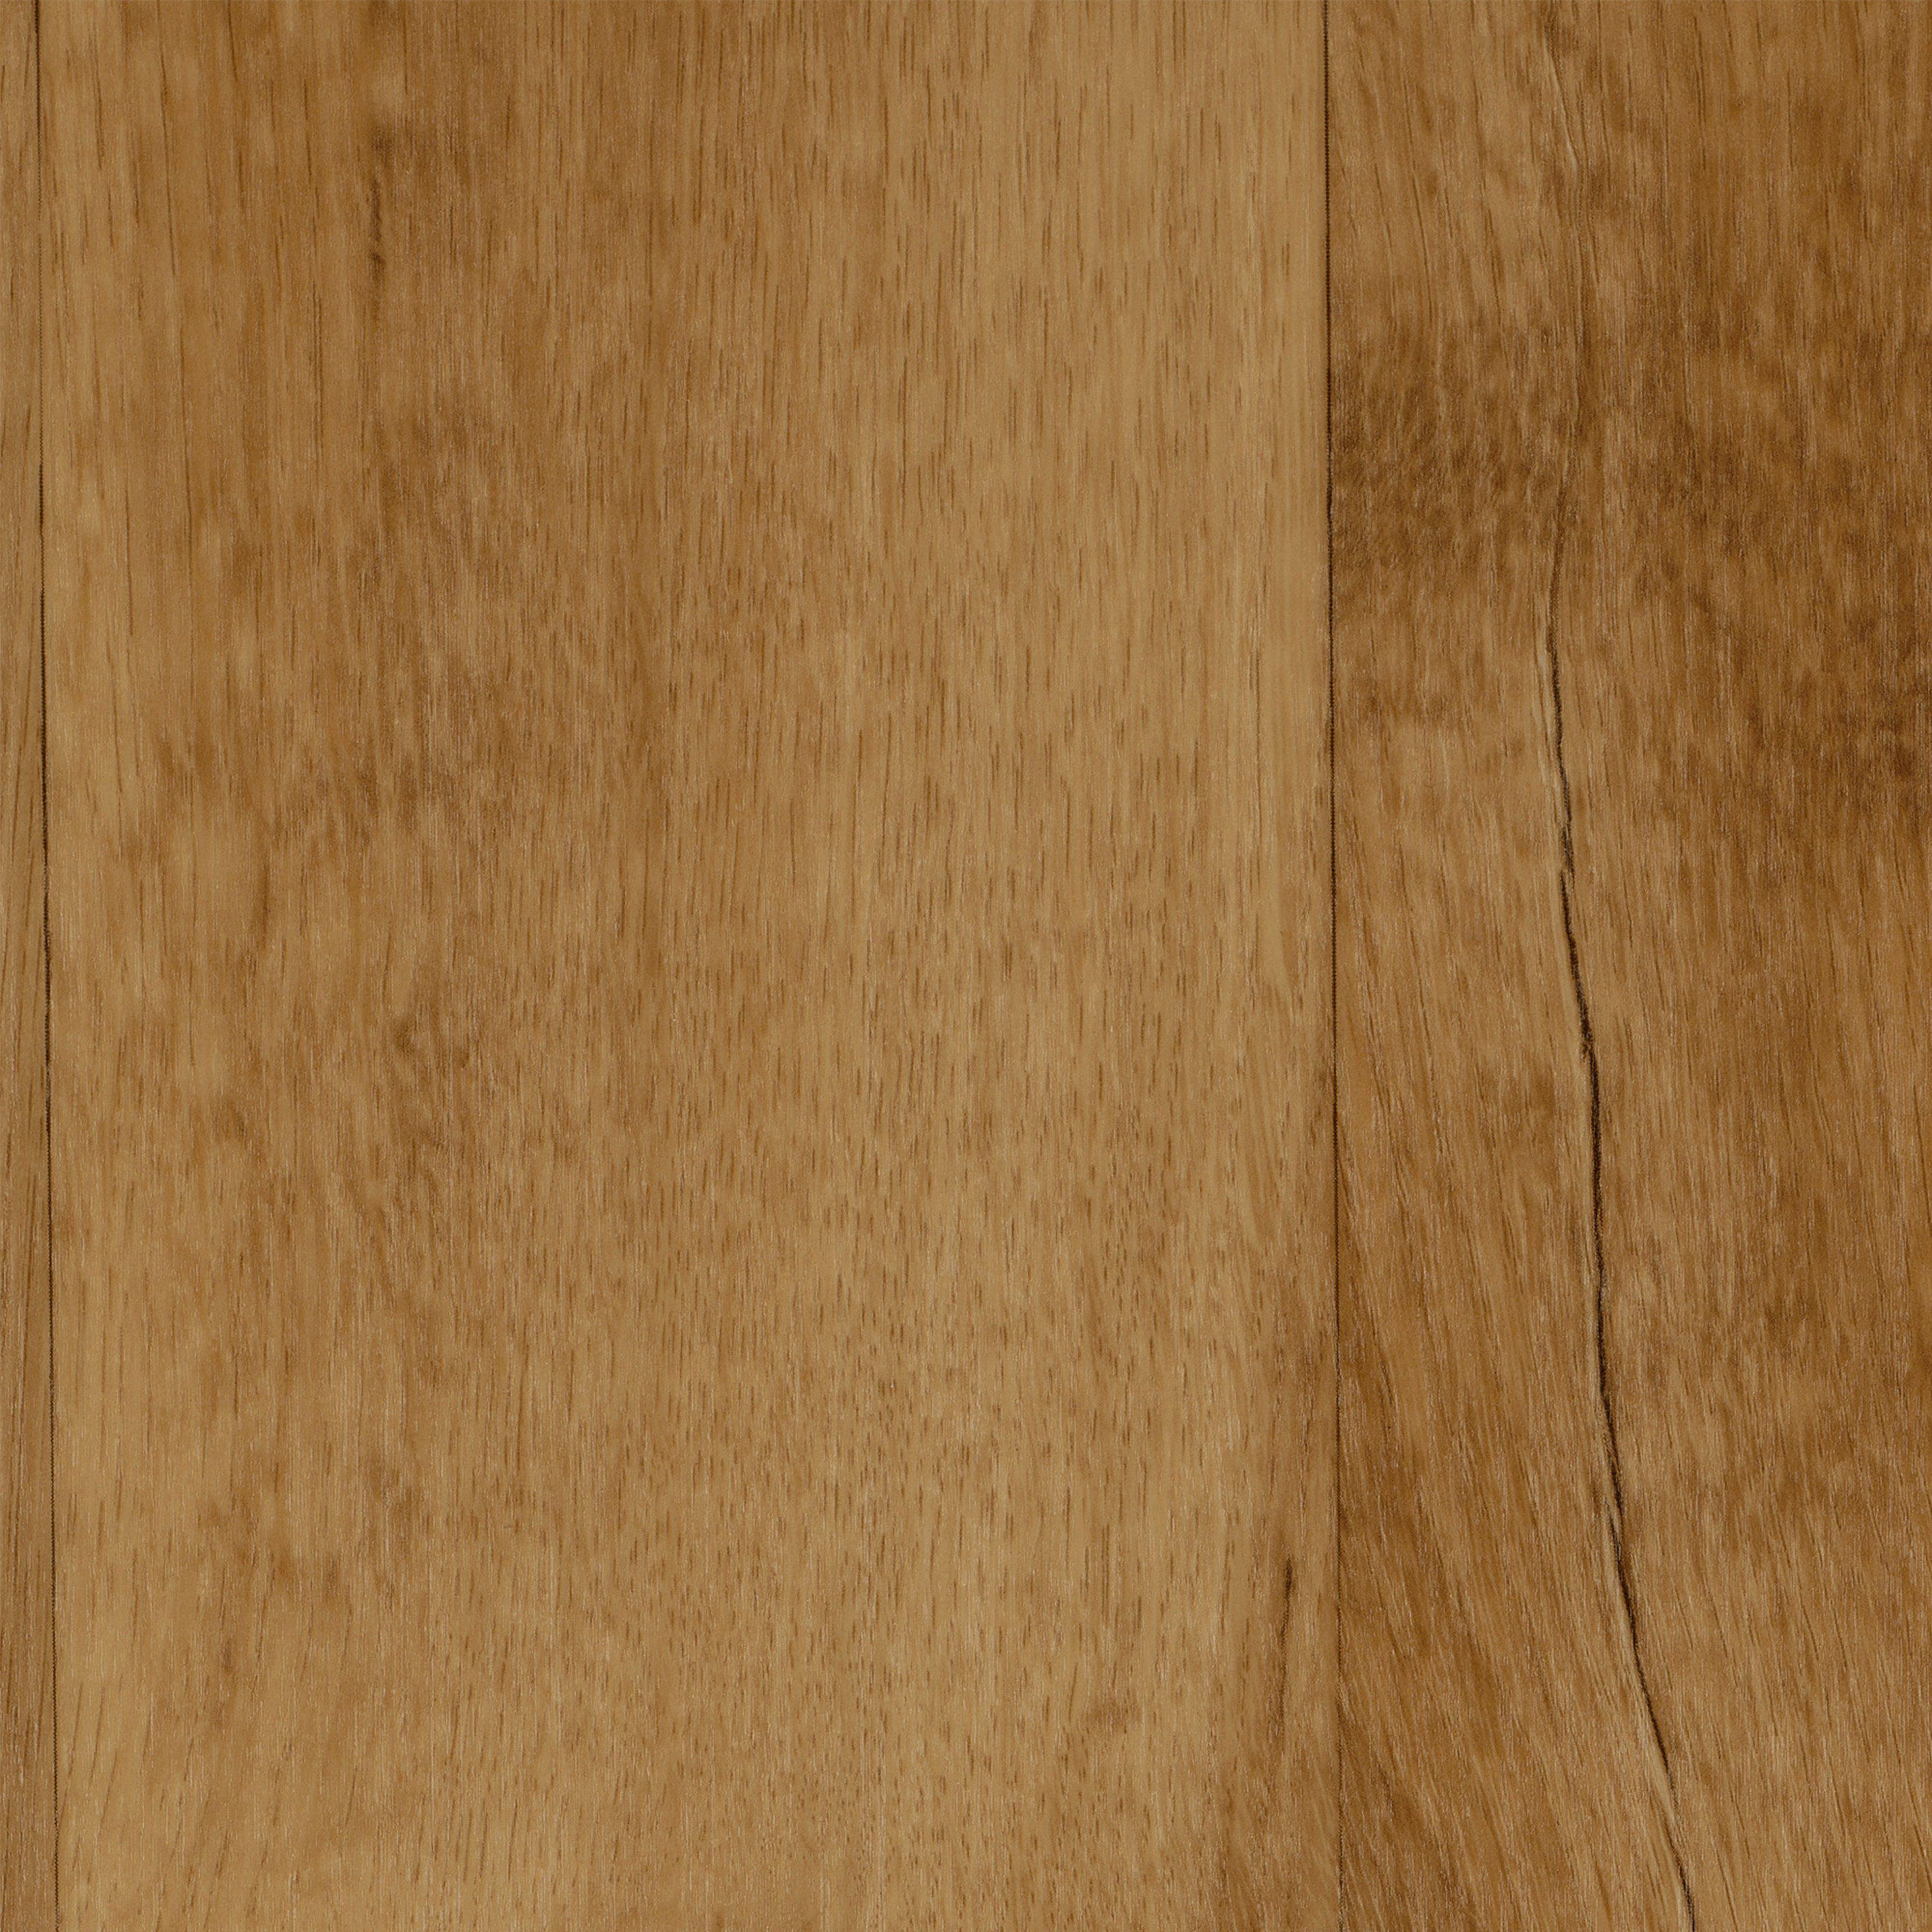 Schiffsboden Nussbaum Meterware 200 verschiedene Gr/ö/ßen 300 und 400 cm Breite Gr/ö/ße: 4,5 x 4 m PVC Bodenbelag Holzoptik